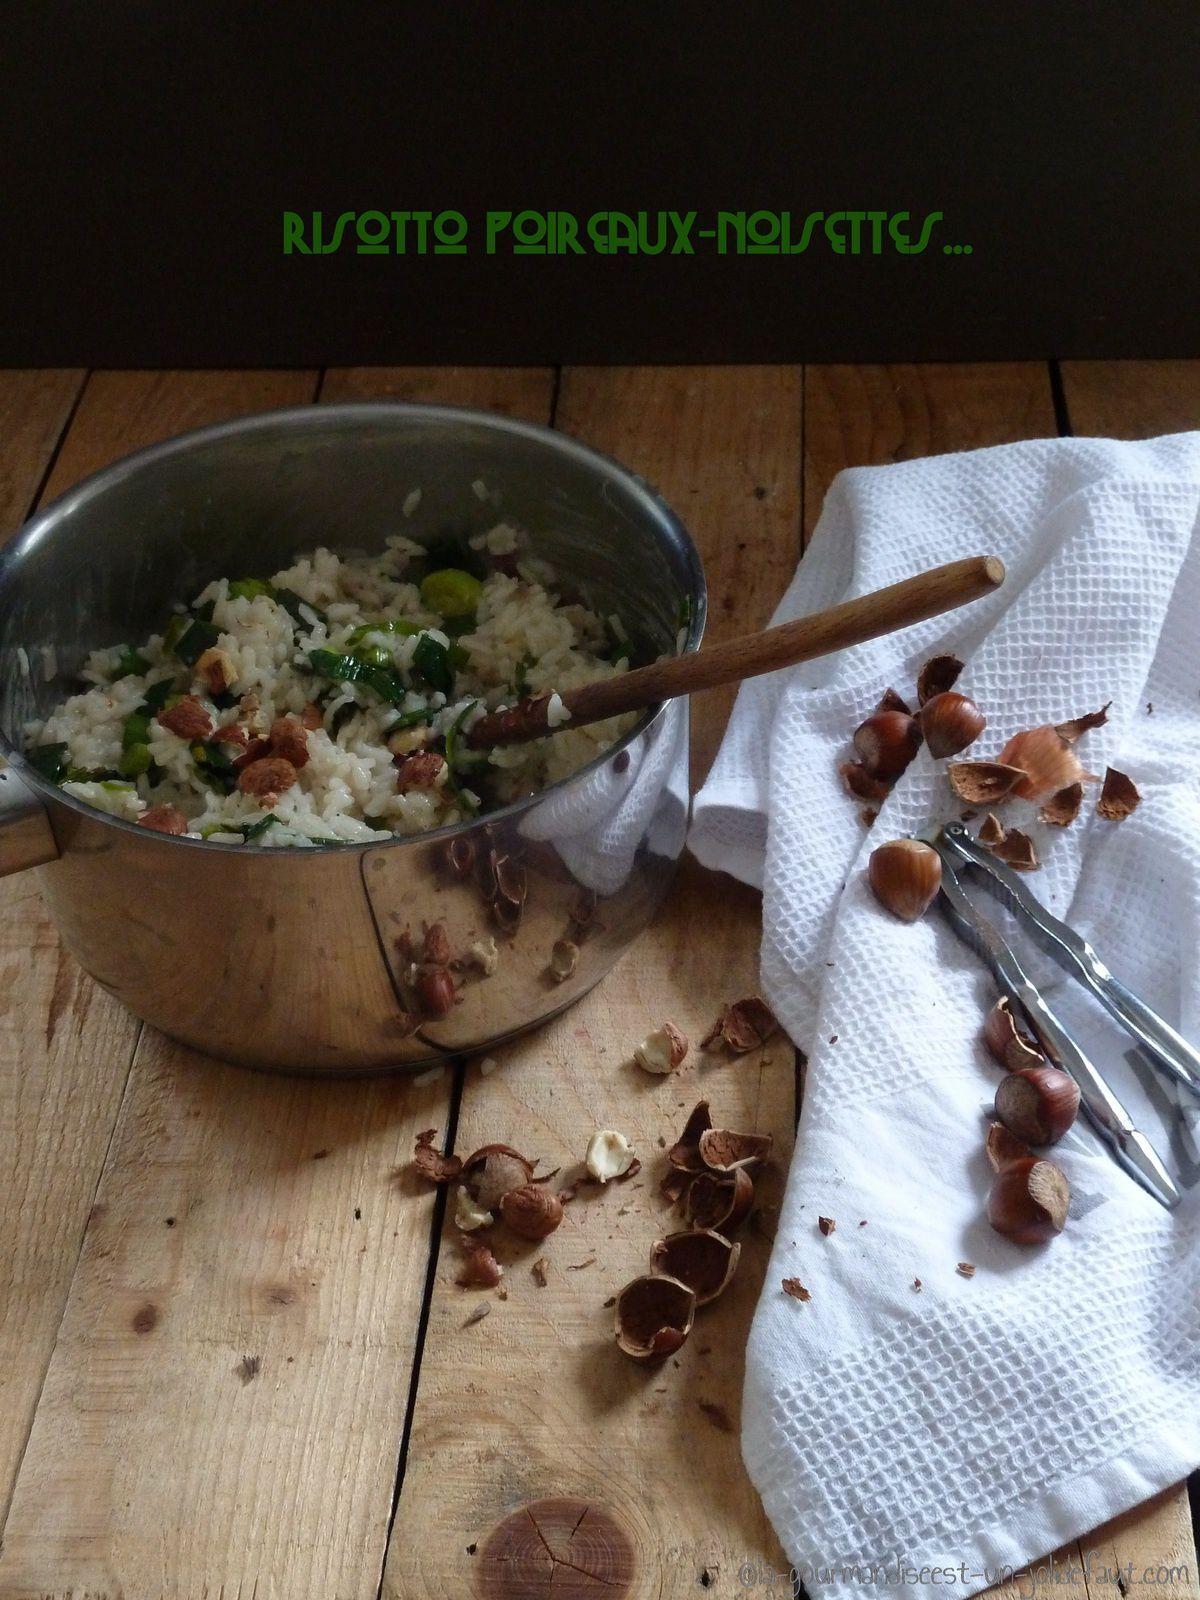 Risotto aux poireaux et aux noisettes